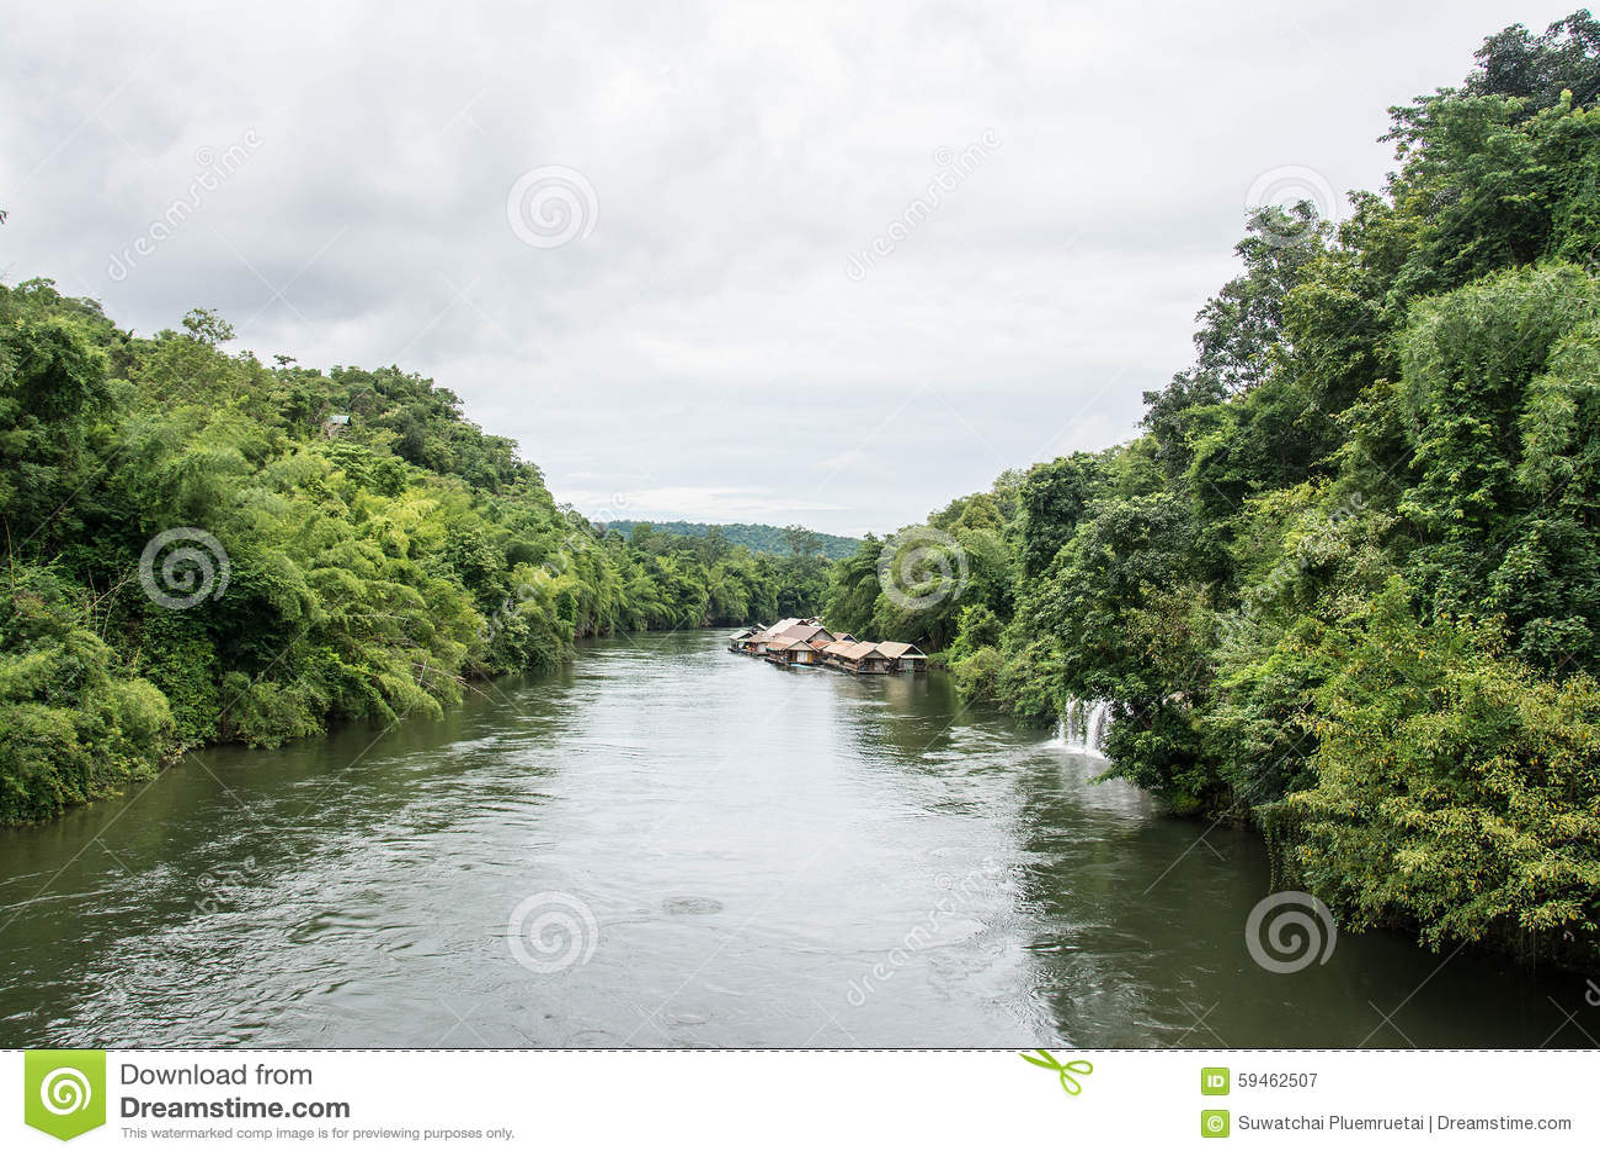 Sai Yok Yai Waterfall Flows Directly Into Khwae Noi River ...